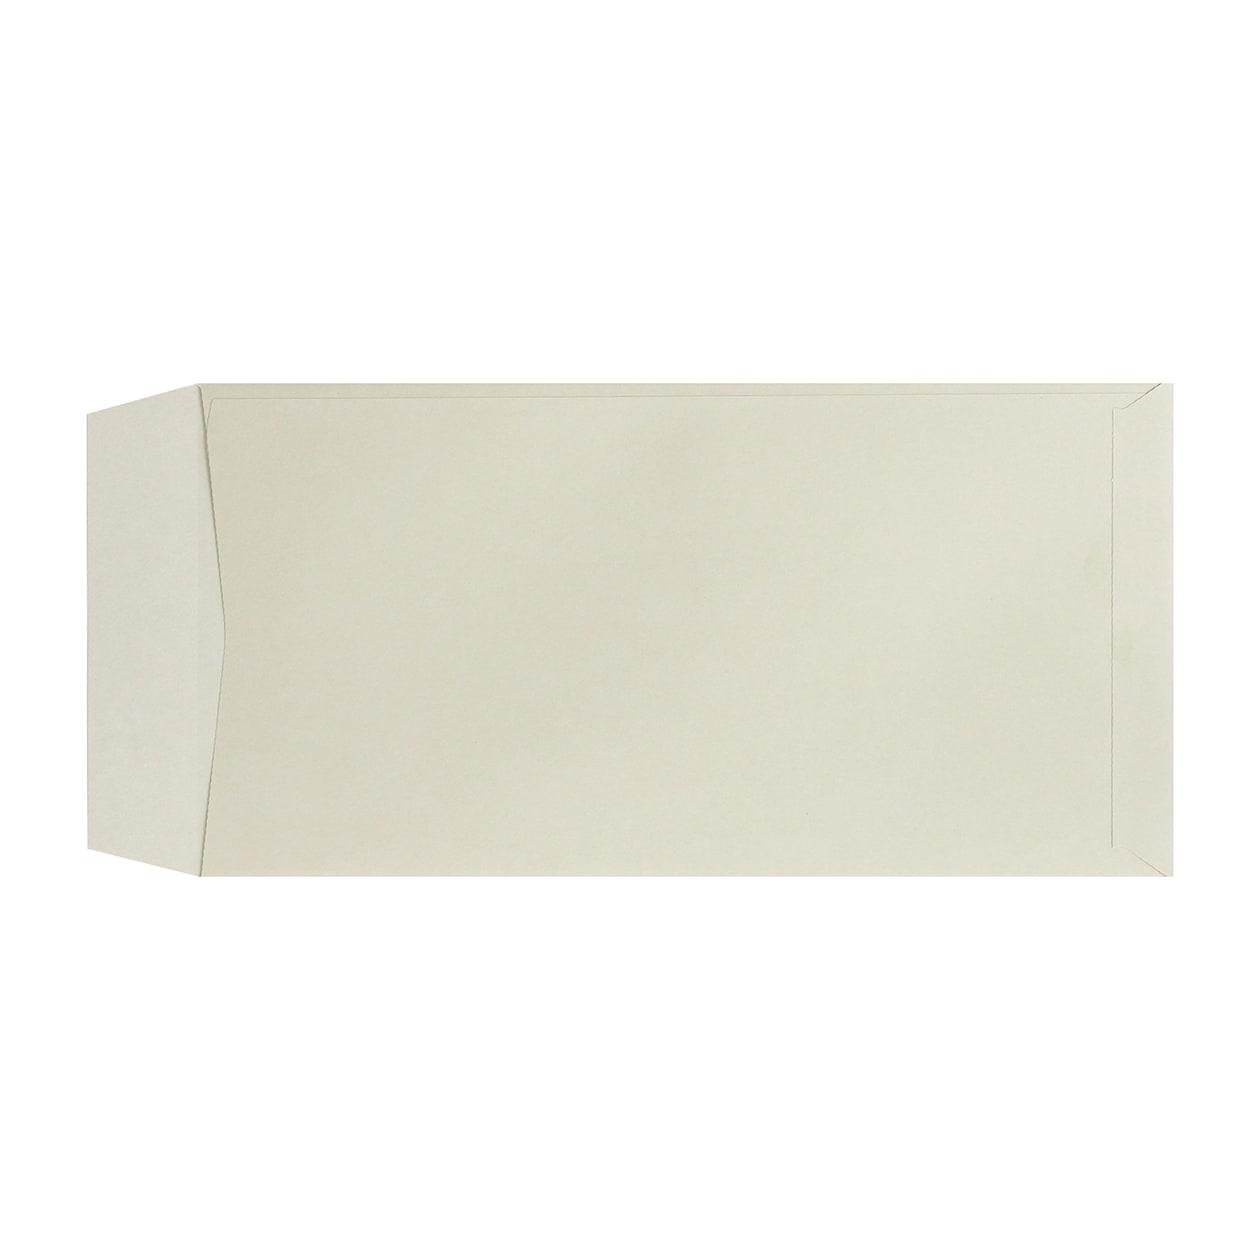 サンプル 封筒・袋 00043